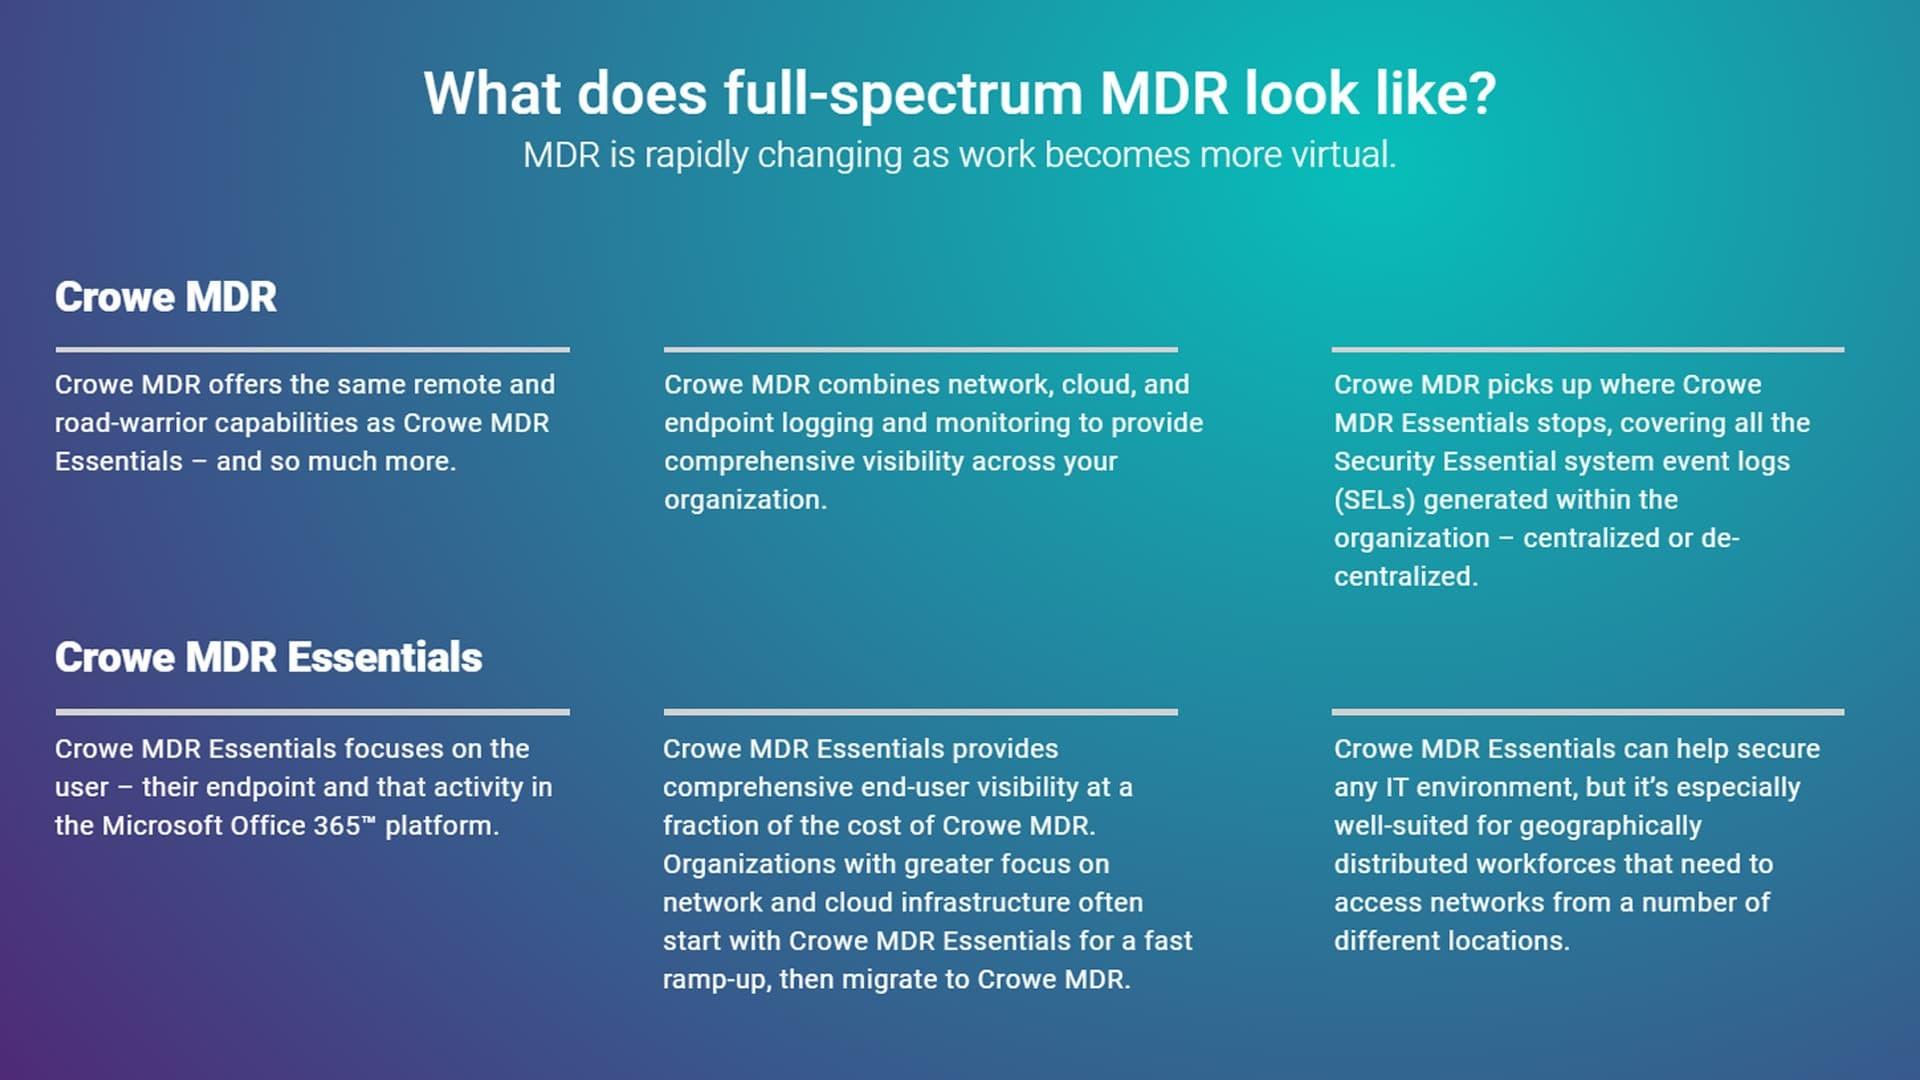 Crowe MDR and Crowe MDR Essentials